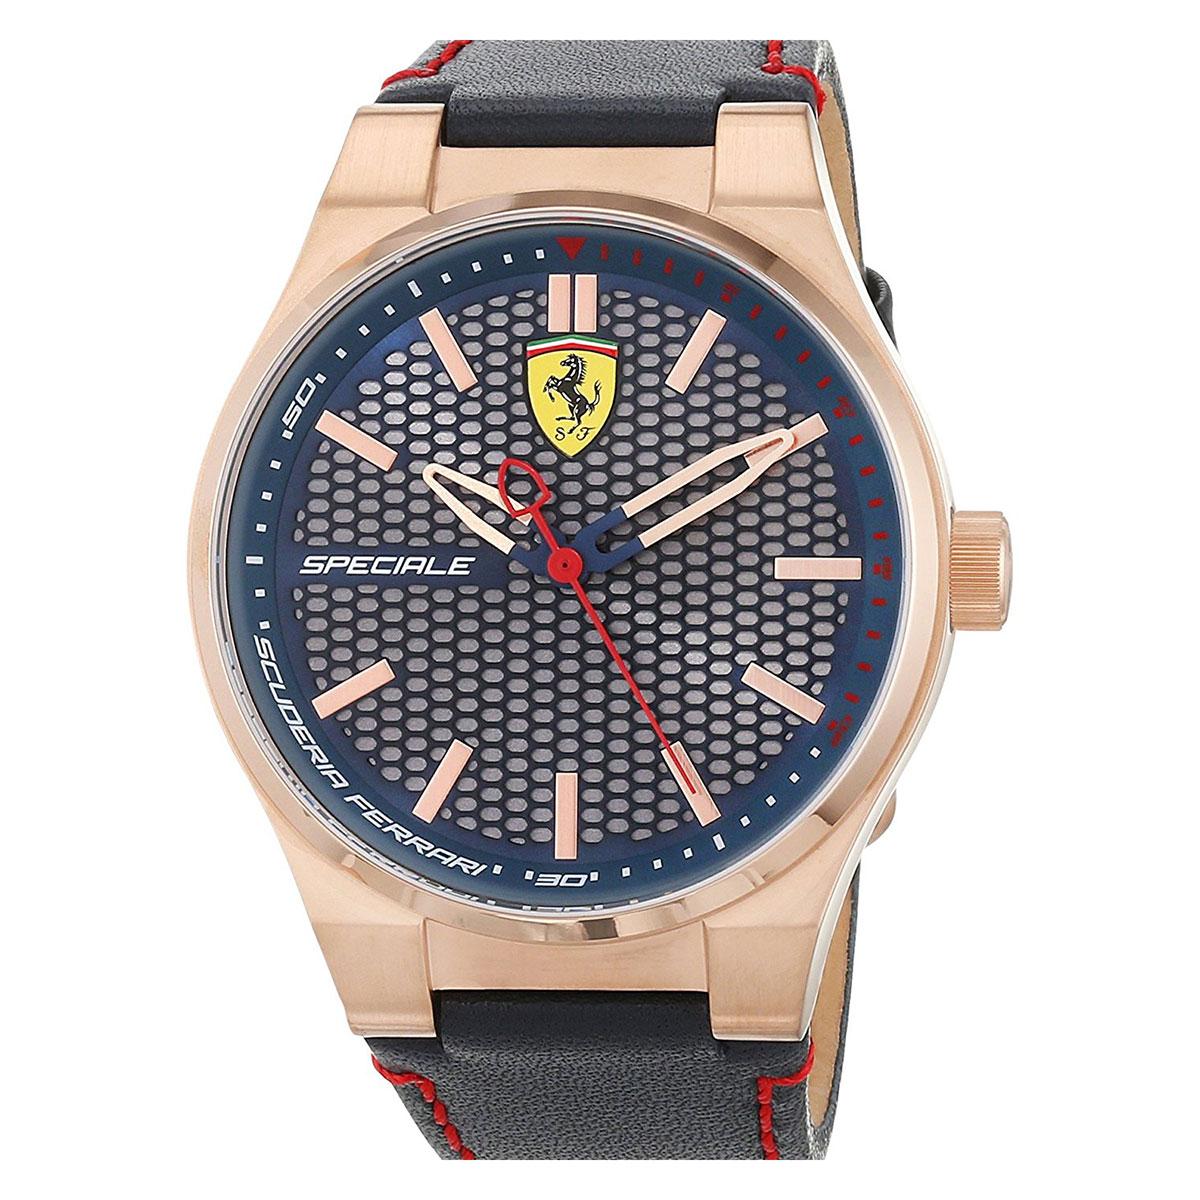 นาฬิกาผู้ชาย Ferrari รุ่น 0830382, Speciale